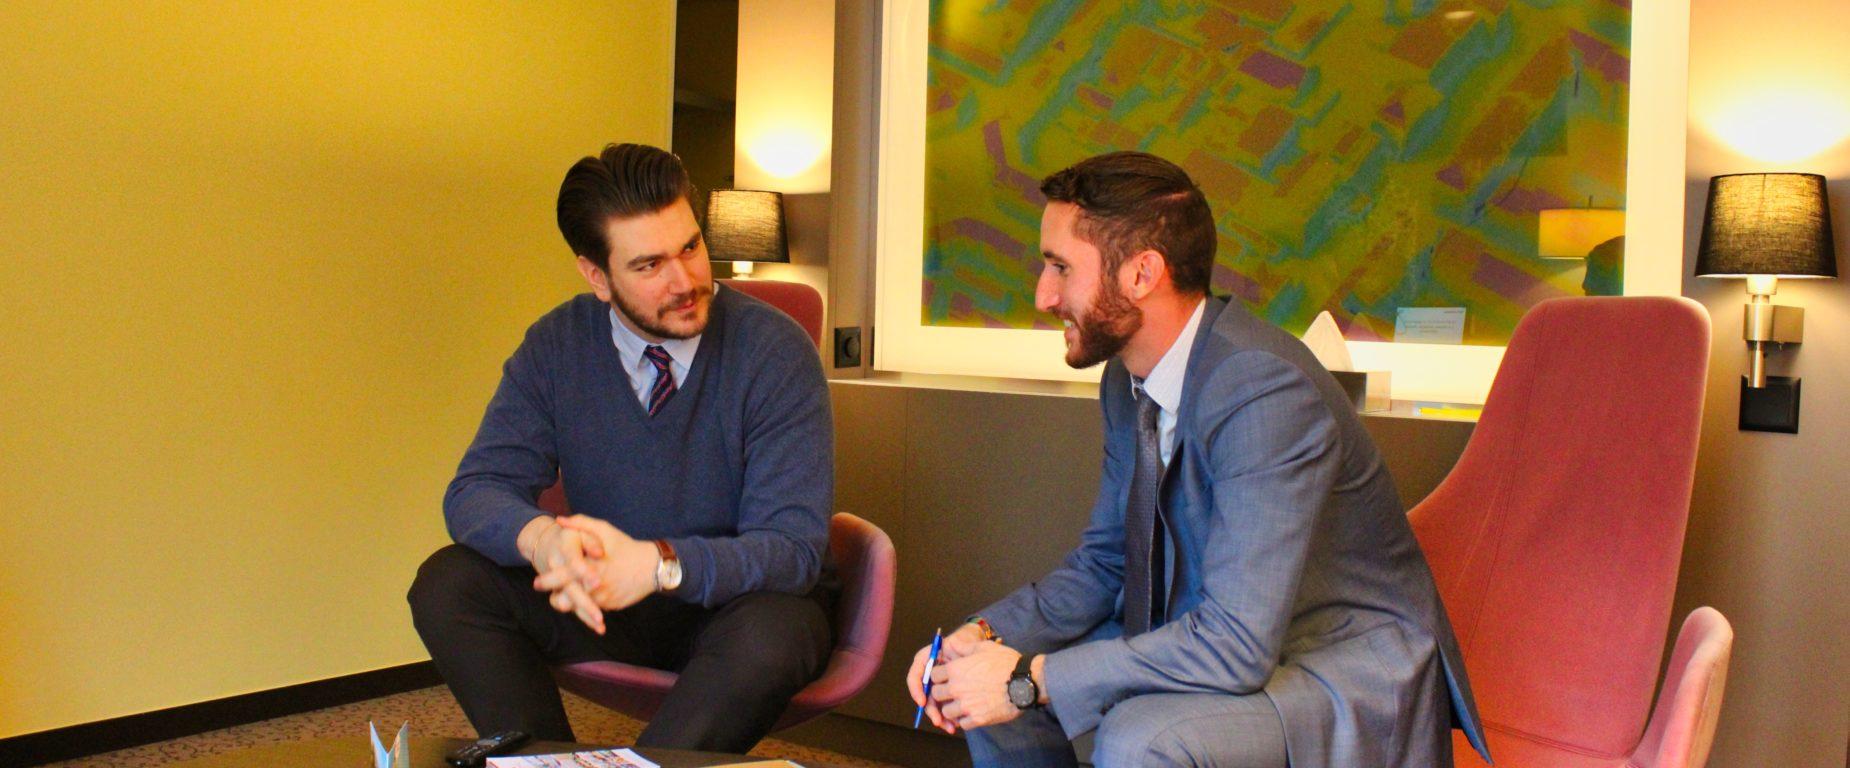 réunion coworking hotel lausanne